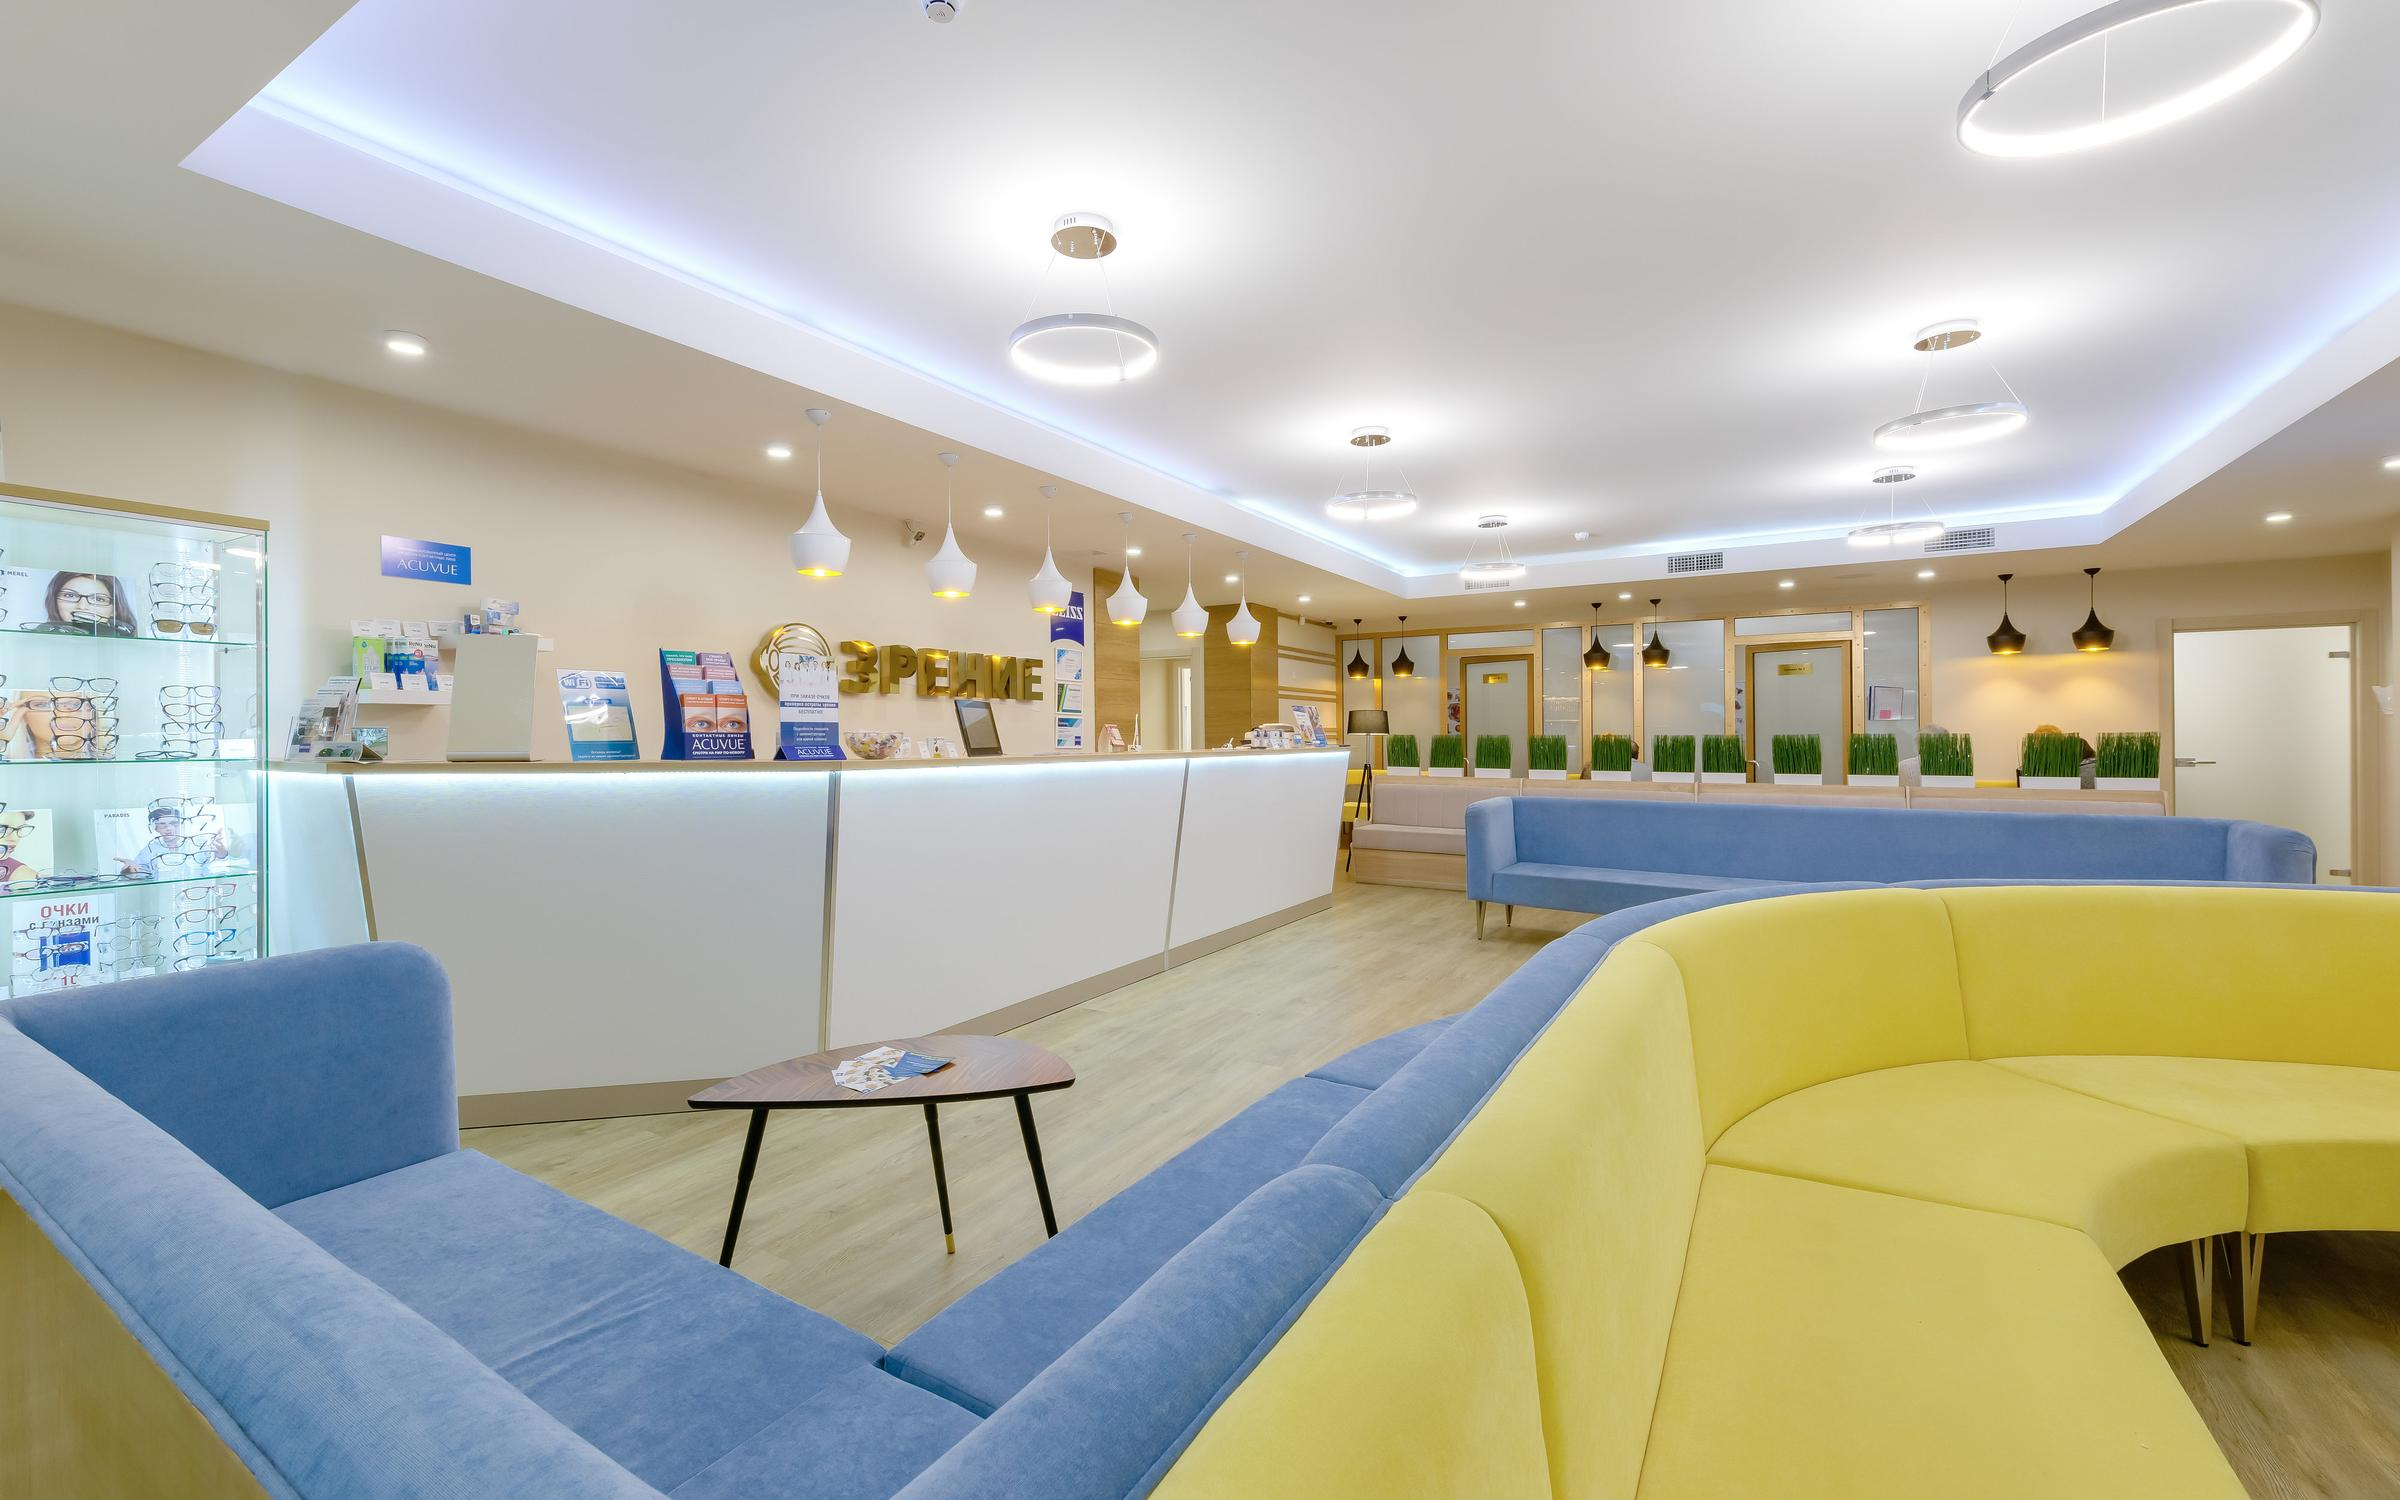 фотография Офтальмологического центра ЗРЕНИЕ на метро Крестовский остров